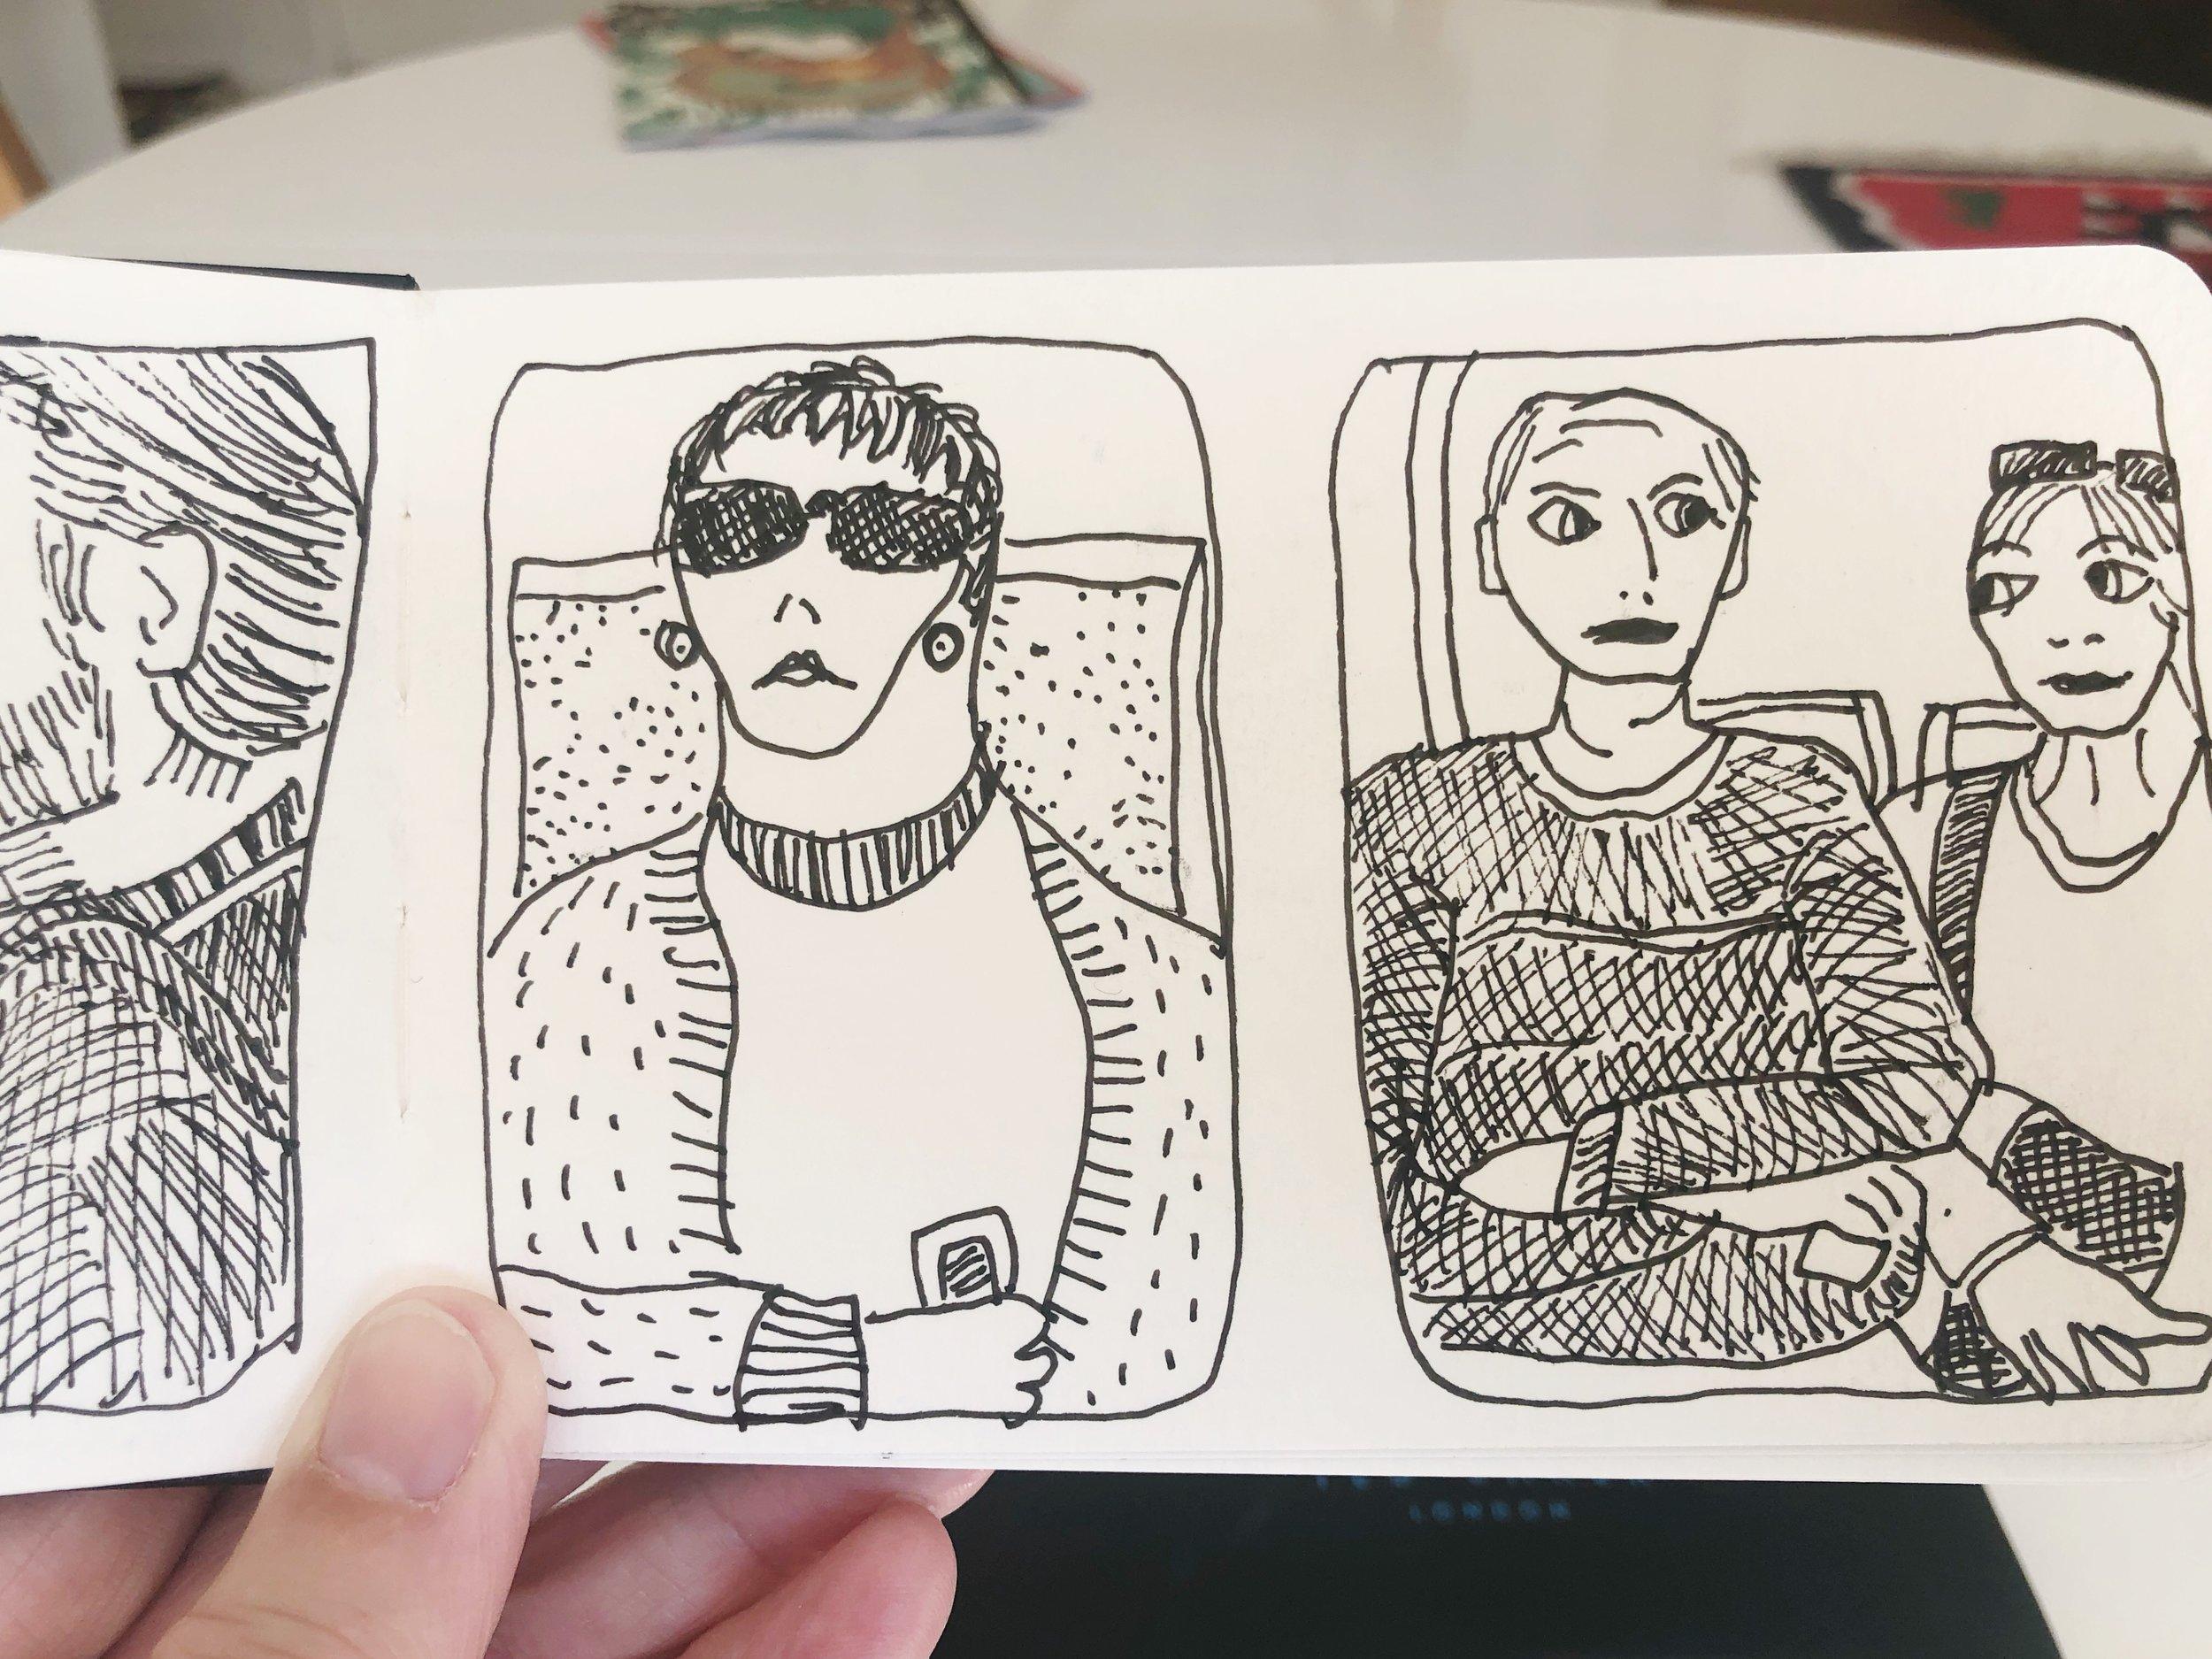 Tram travellers, 27 April 2019